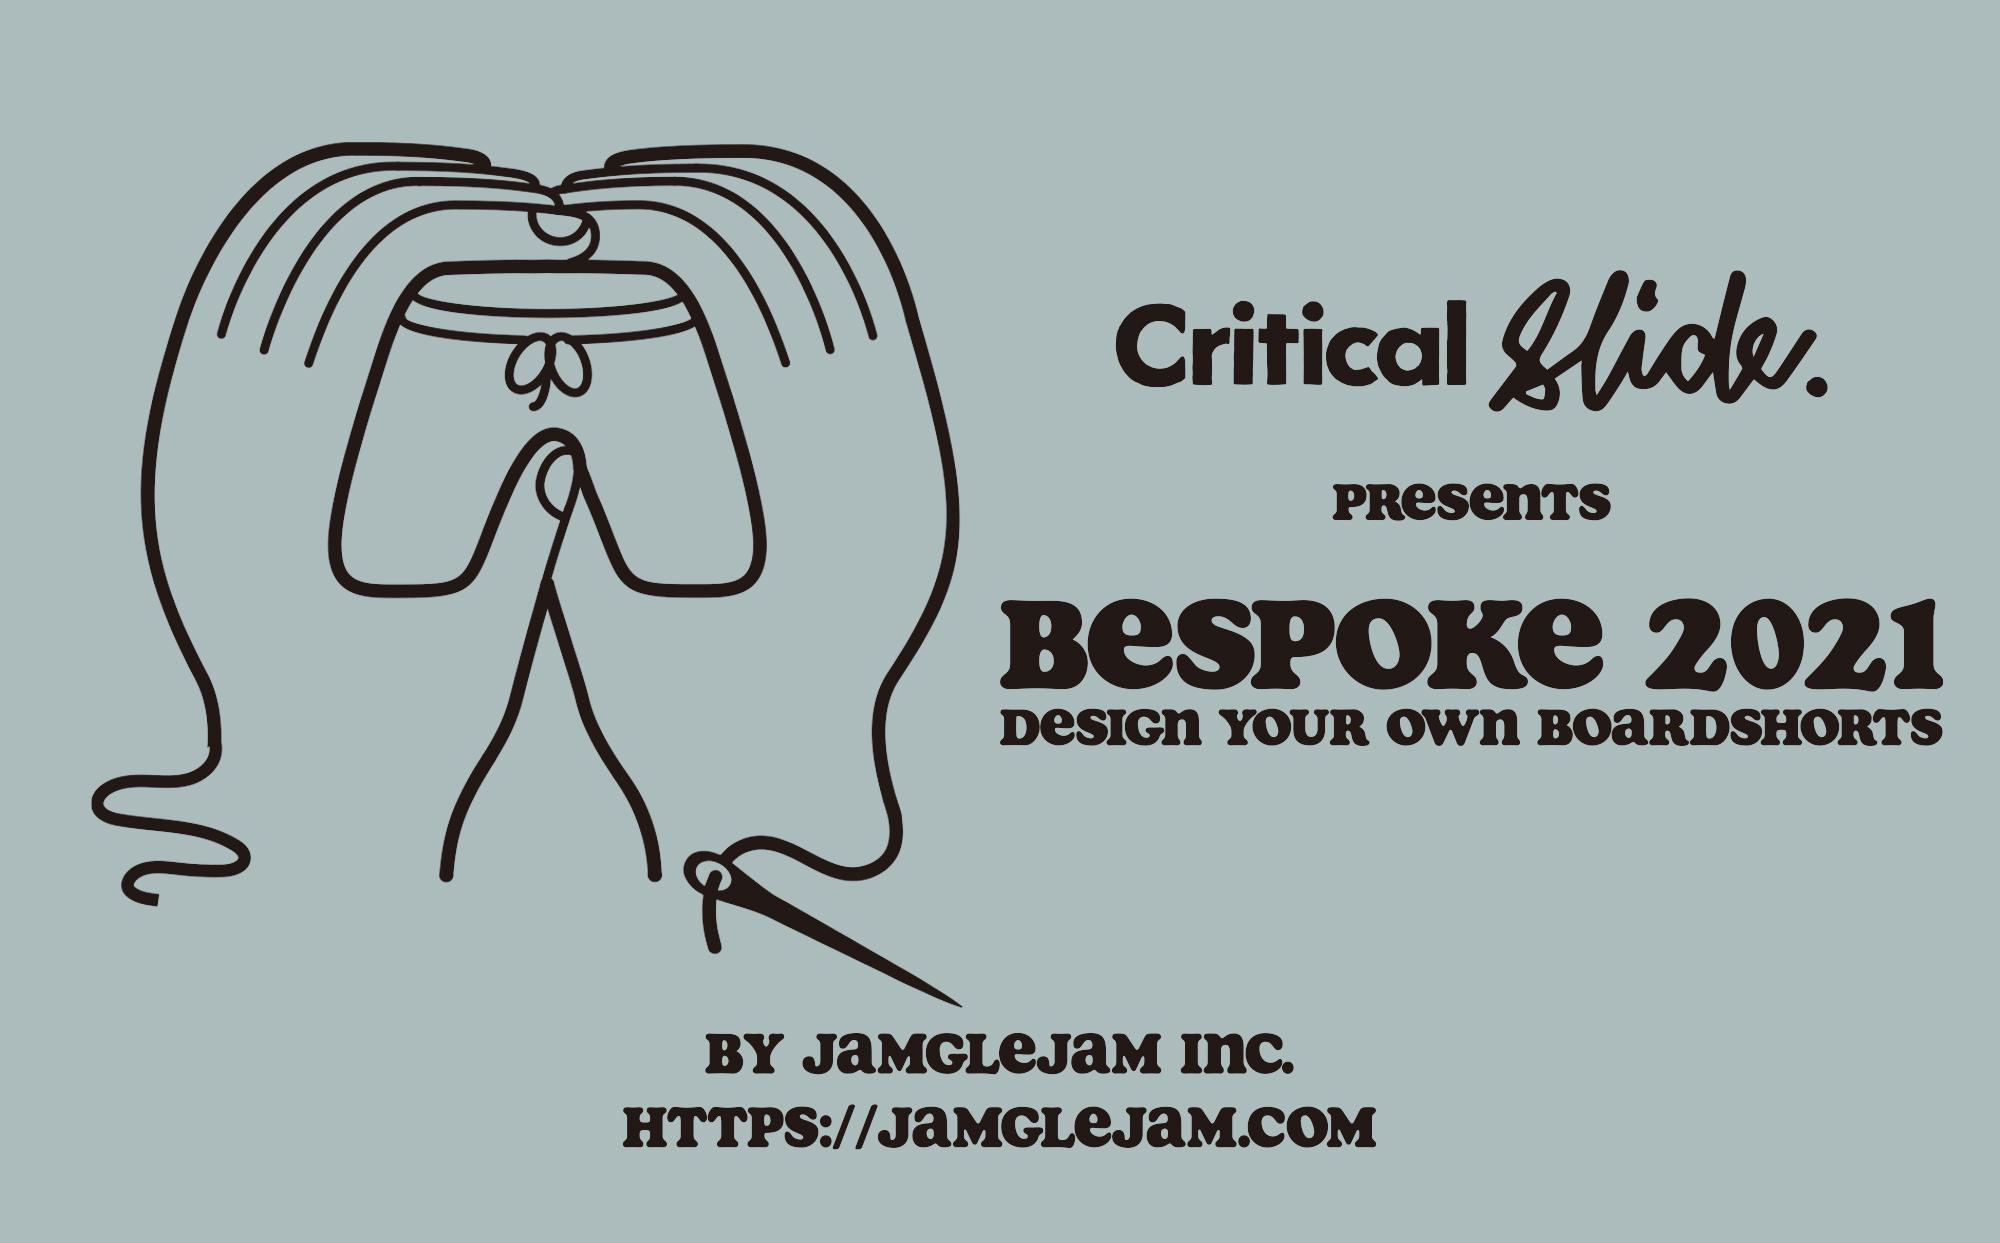 毎年好評のボードショーツオーダーイベント「BESPOKE」をPORT of CALLにて開催!